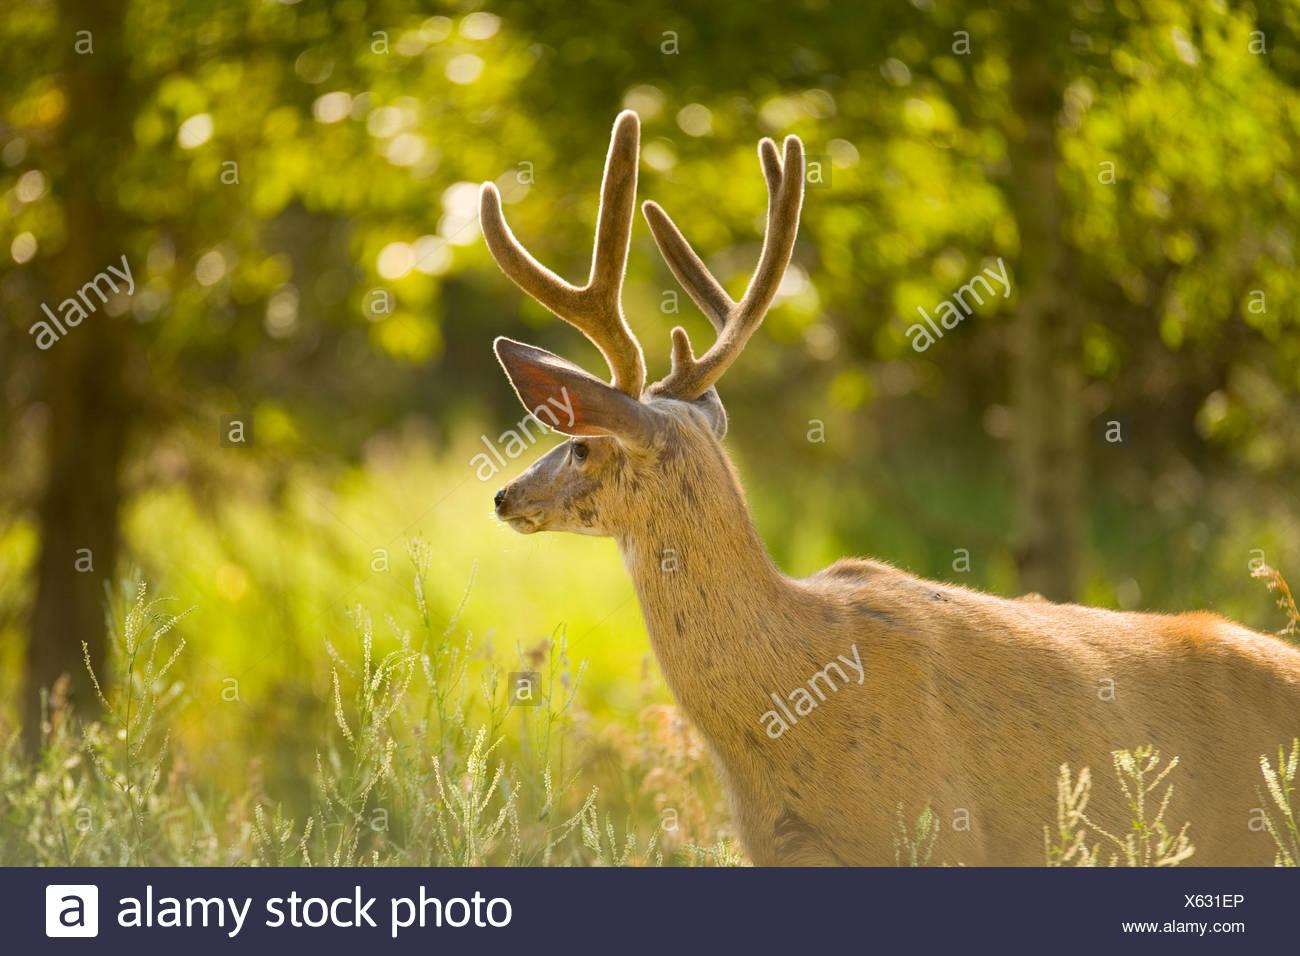 white-tailed Deer near Kimberly, British Columbia, Canada, Mammal Stock Photo